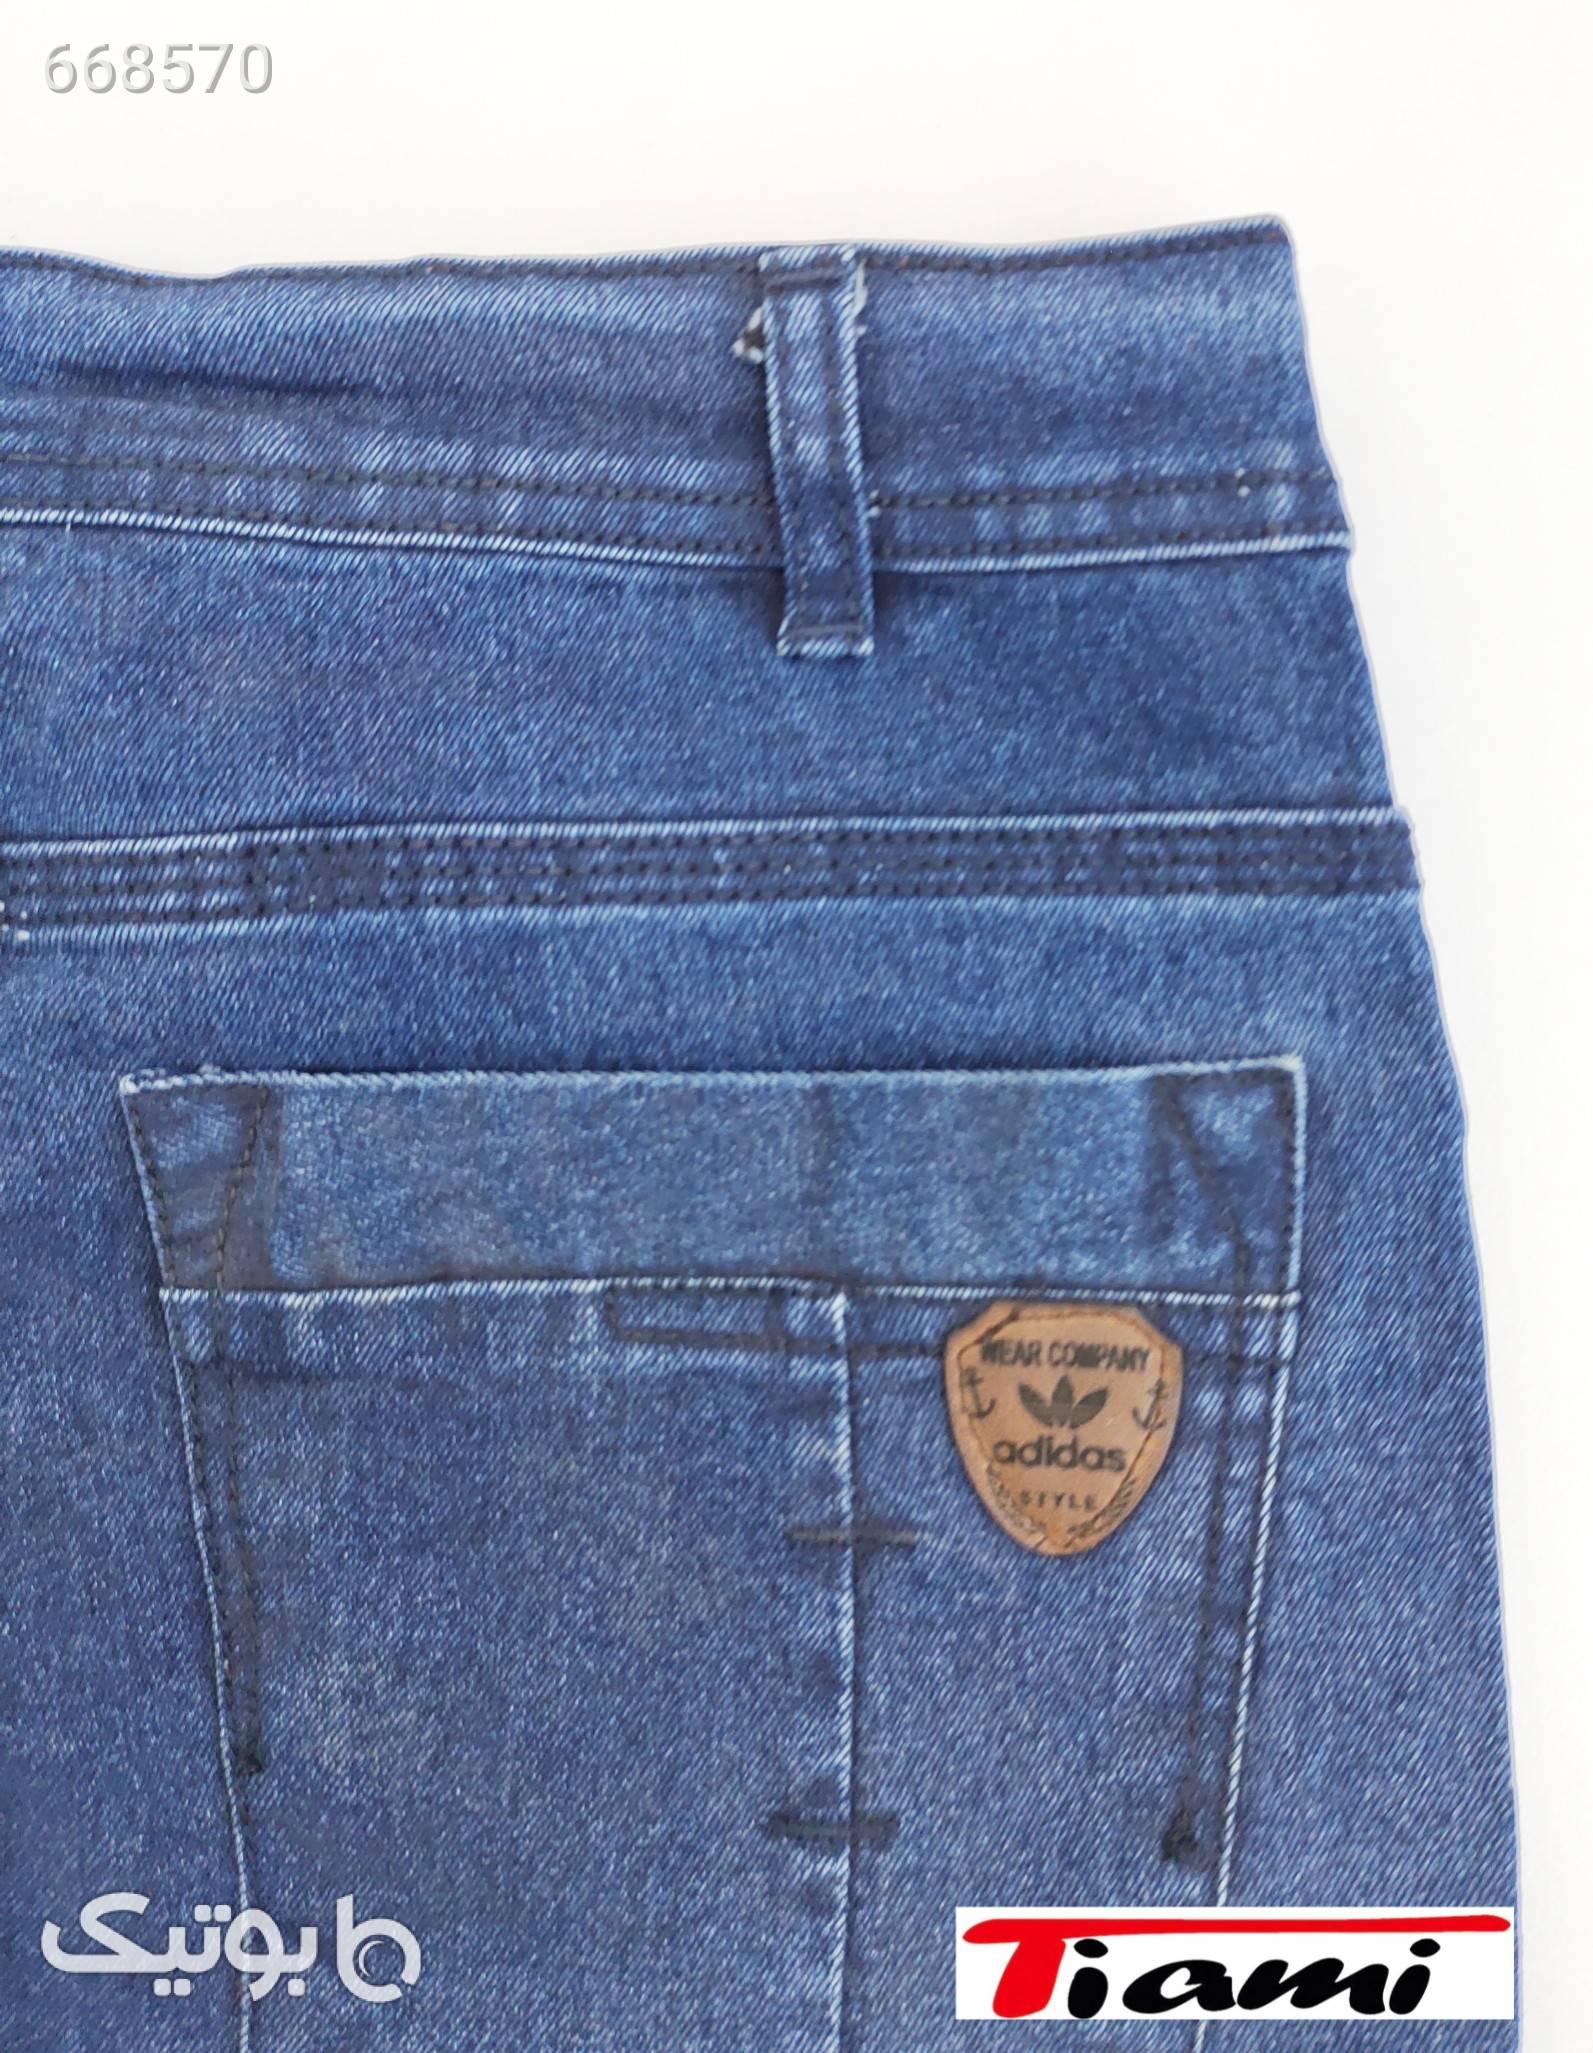 شلوار لی ترک پارچه par آبی شلوار جین مردانه